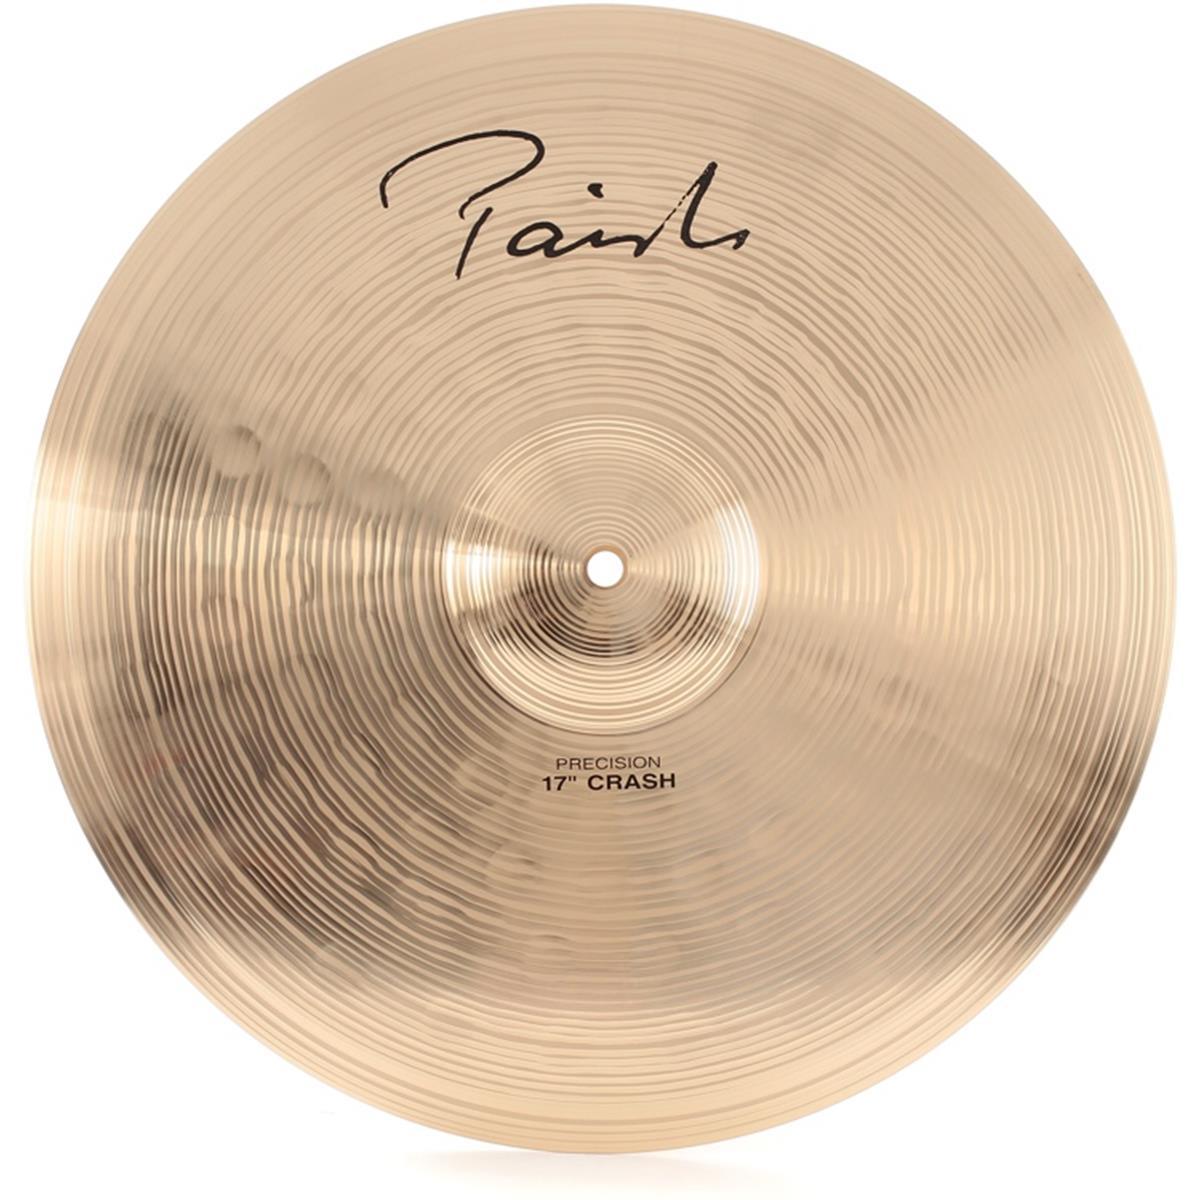 PAISTE-PA-PPACC17-SIGNATURE-PRECISION-CRASH-17-sku-10321